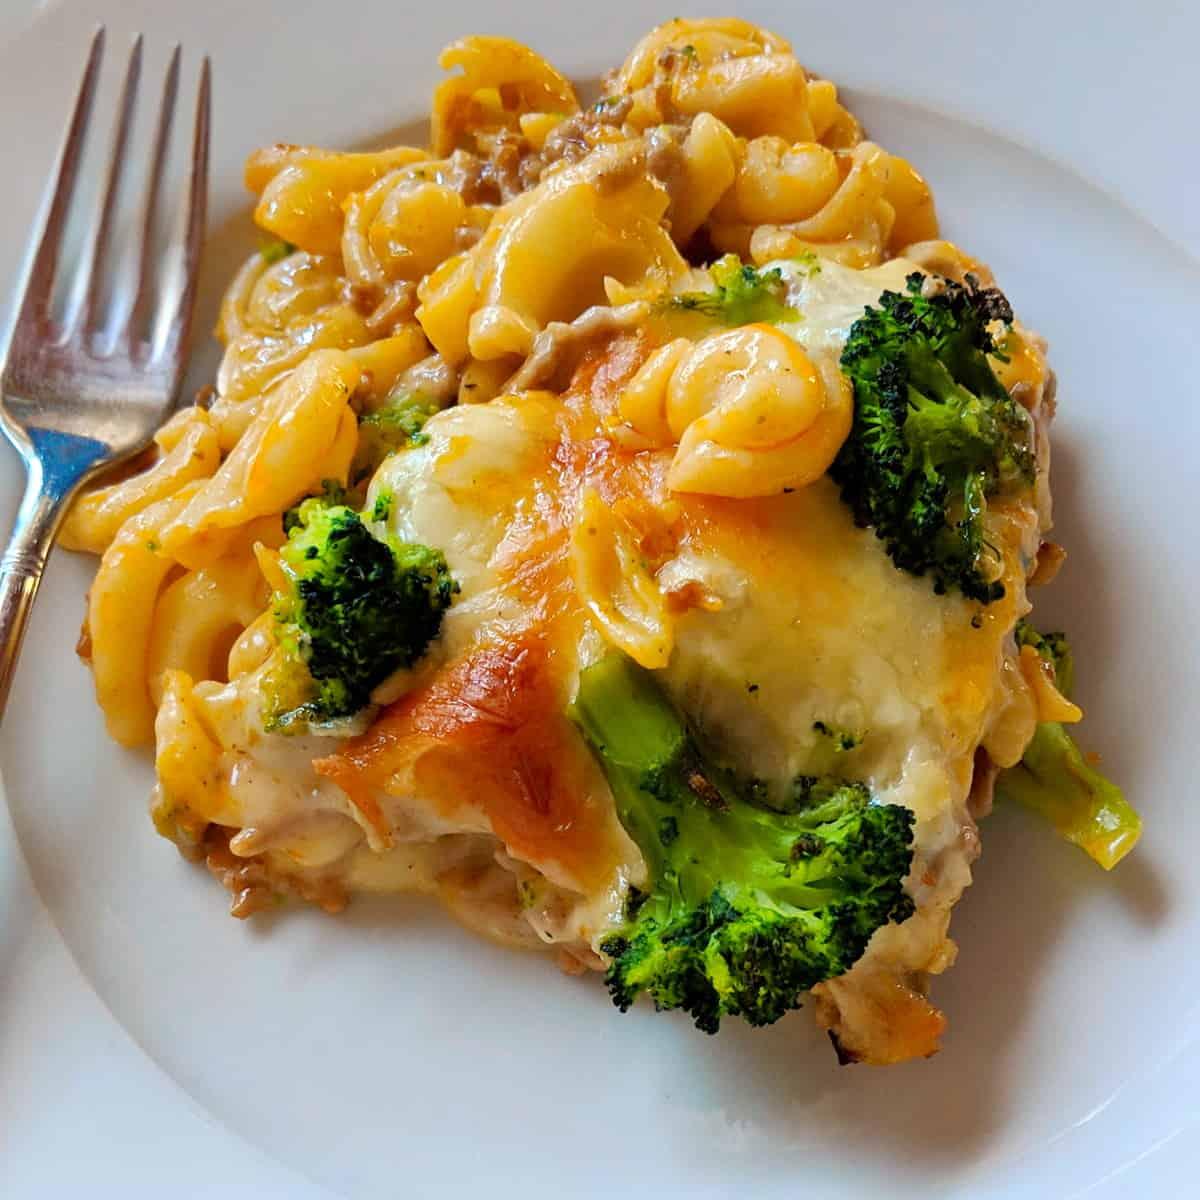 Ein weisser Teller mit dem Brokkoli-Nudel-Auflauf mit Hackfleisch.